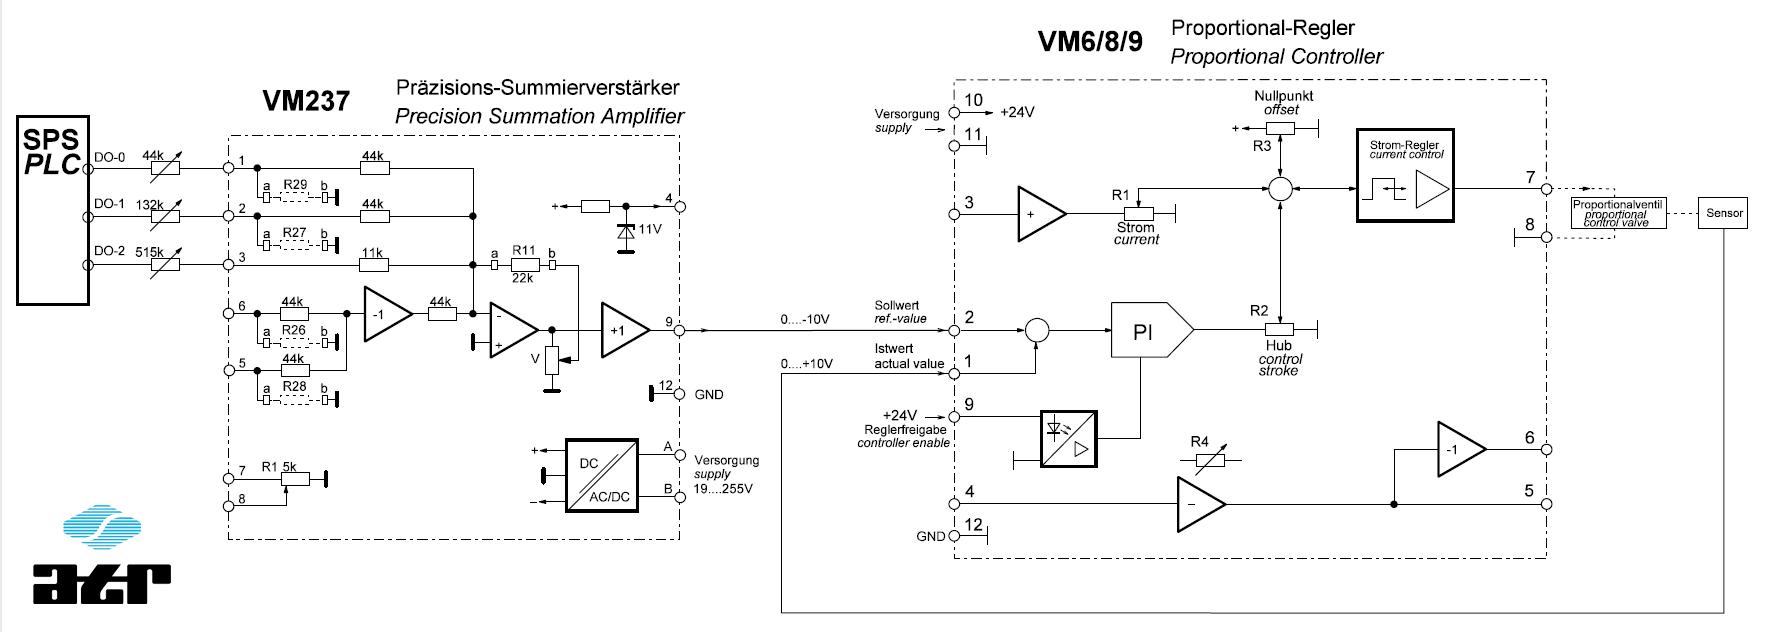 ATR Applikationsbeispiel: Analoge Regelung eines Proportionalventils mit digitaler Sollwertvorgabe